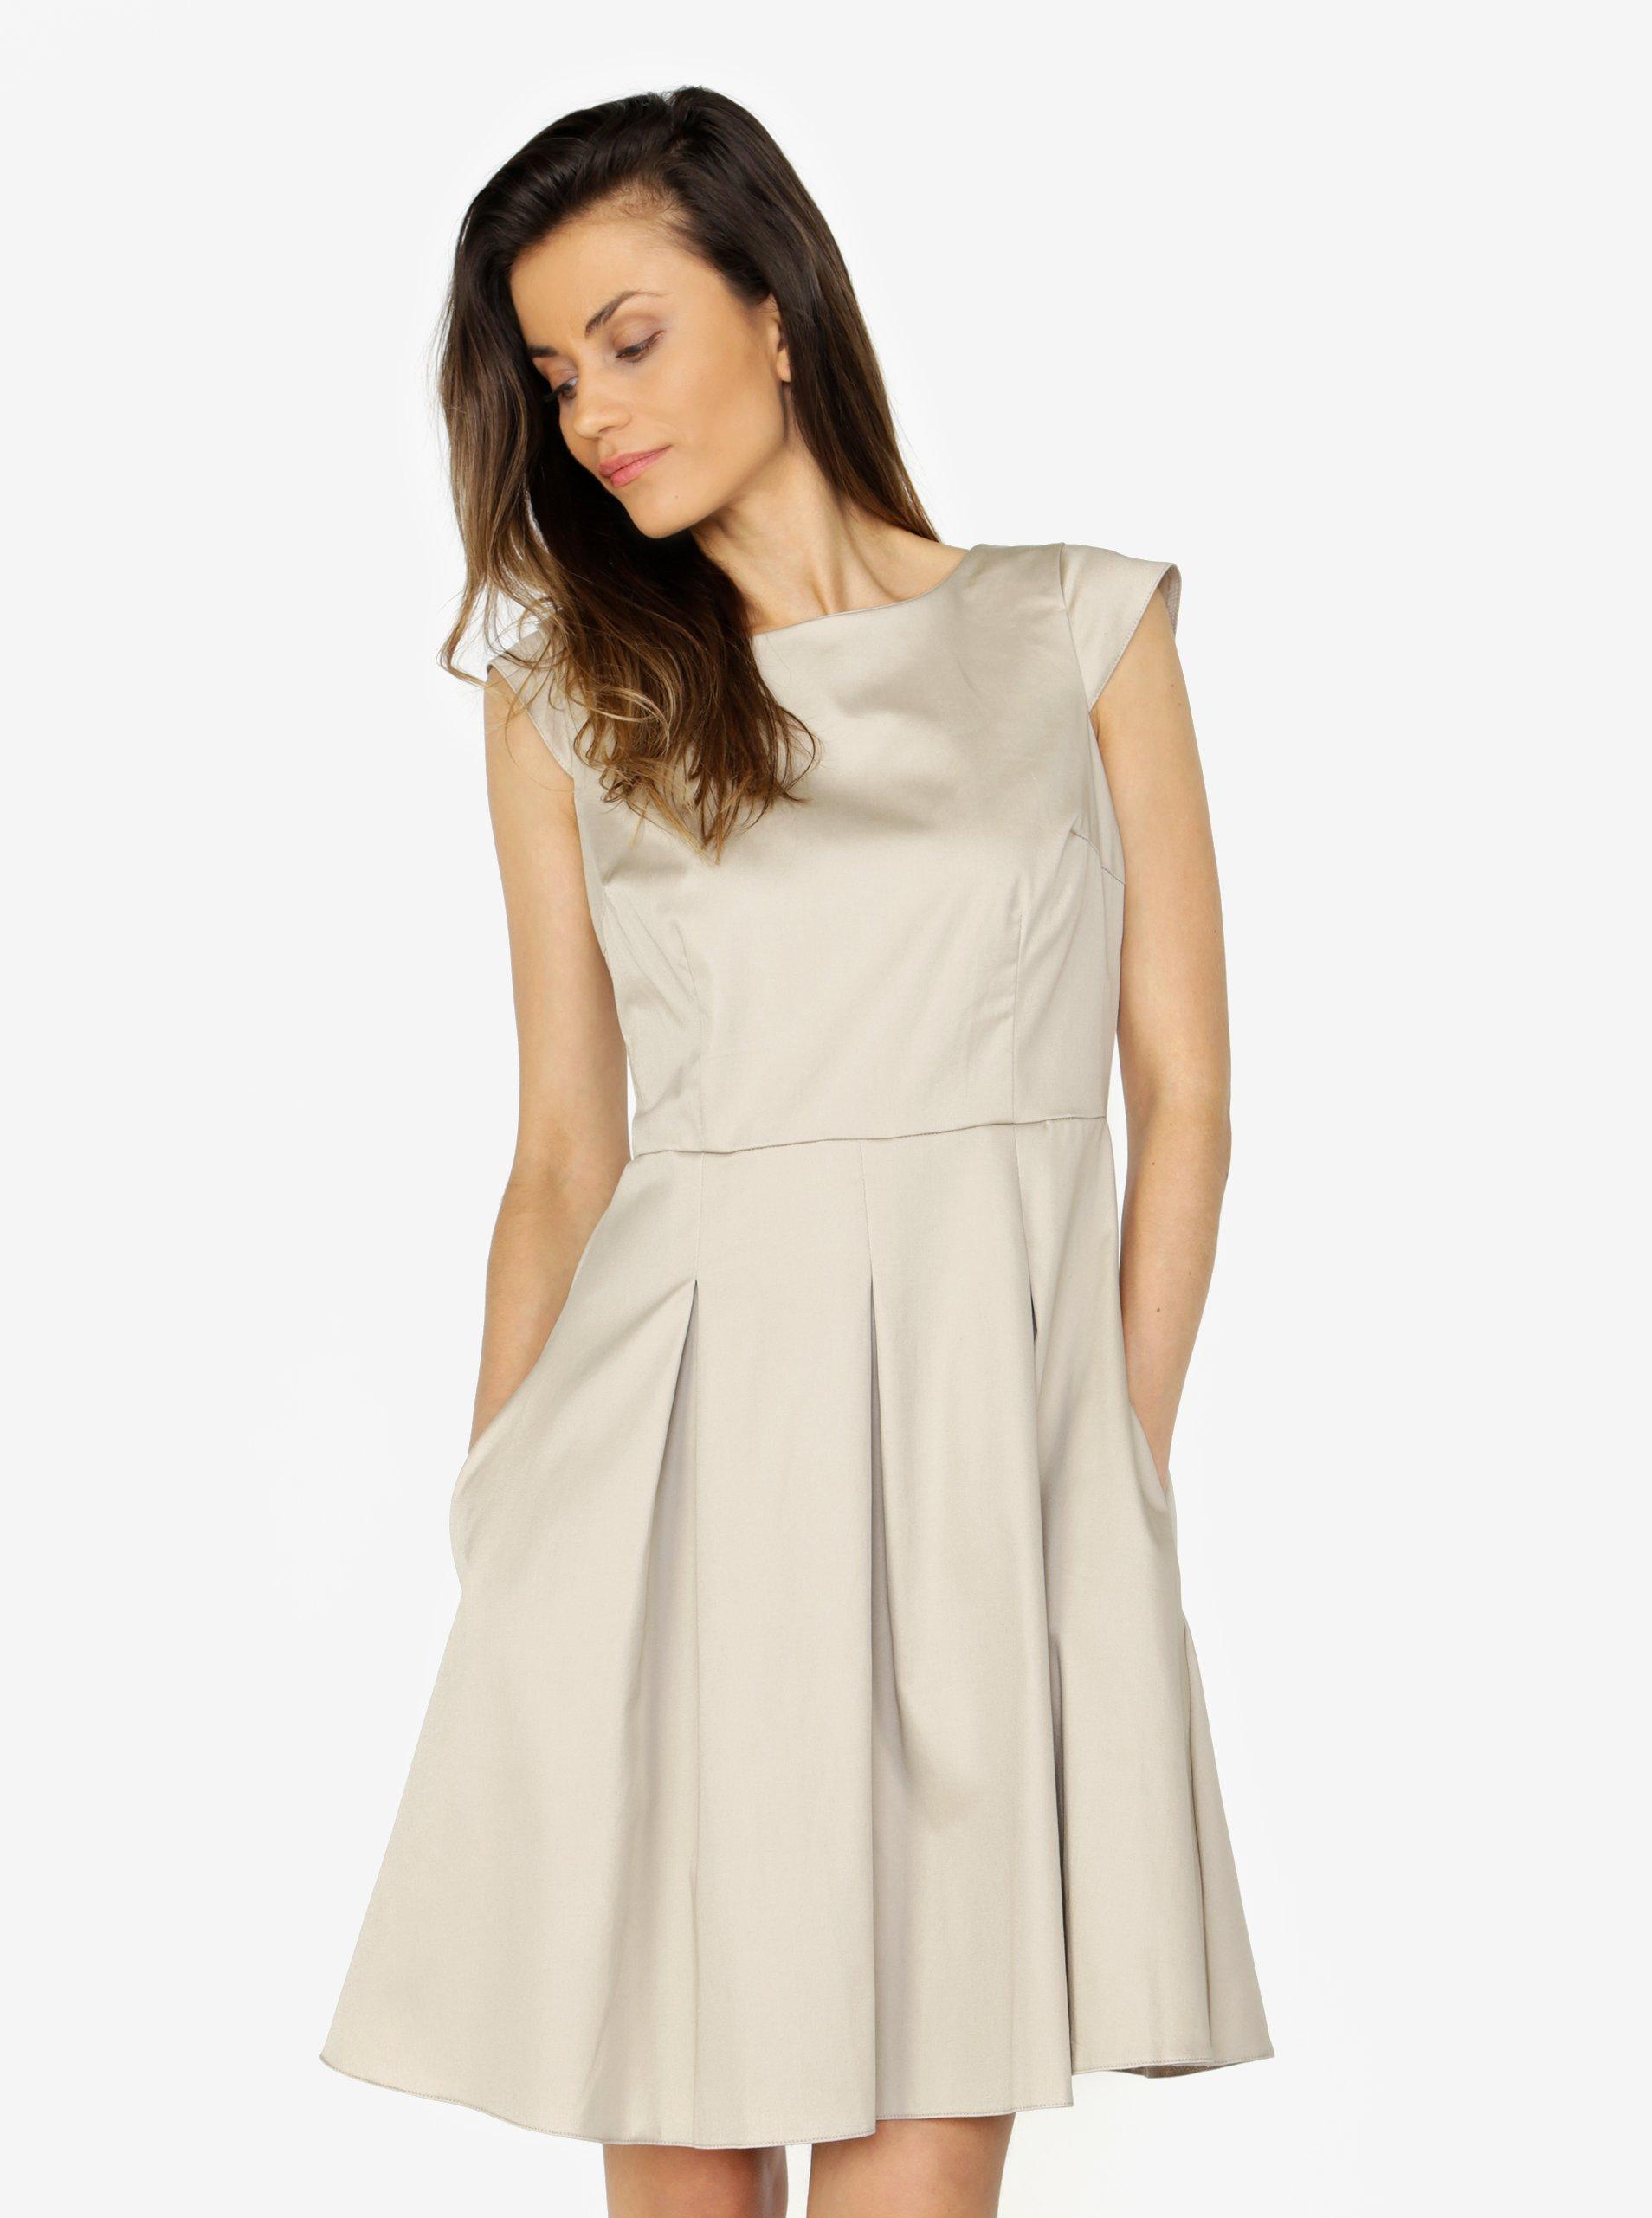 9fbd5d17e723 Béžové šaty s áčkovou sukňou ZOOT